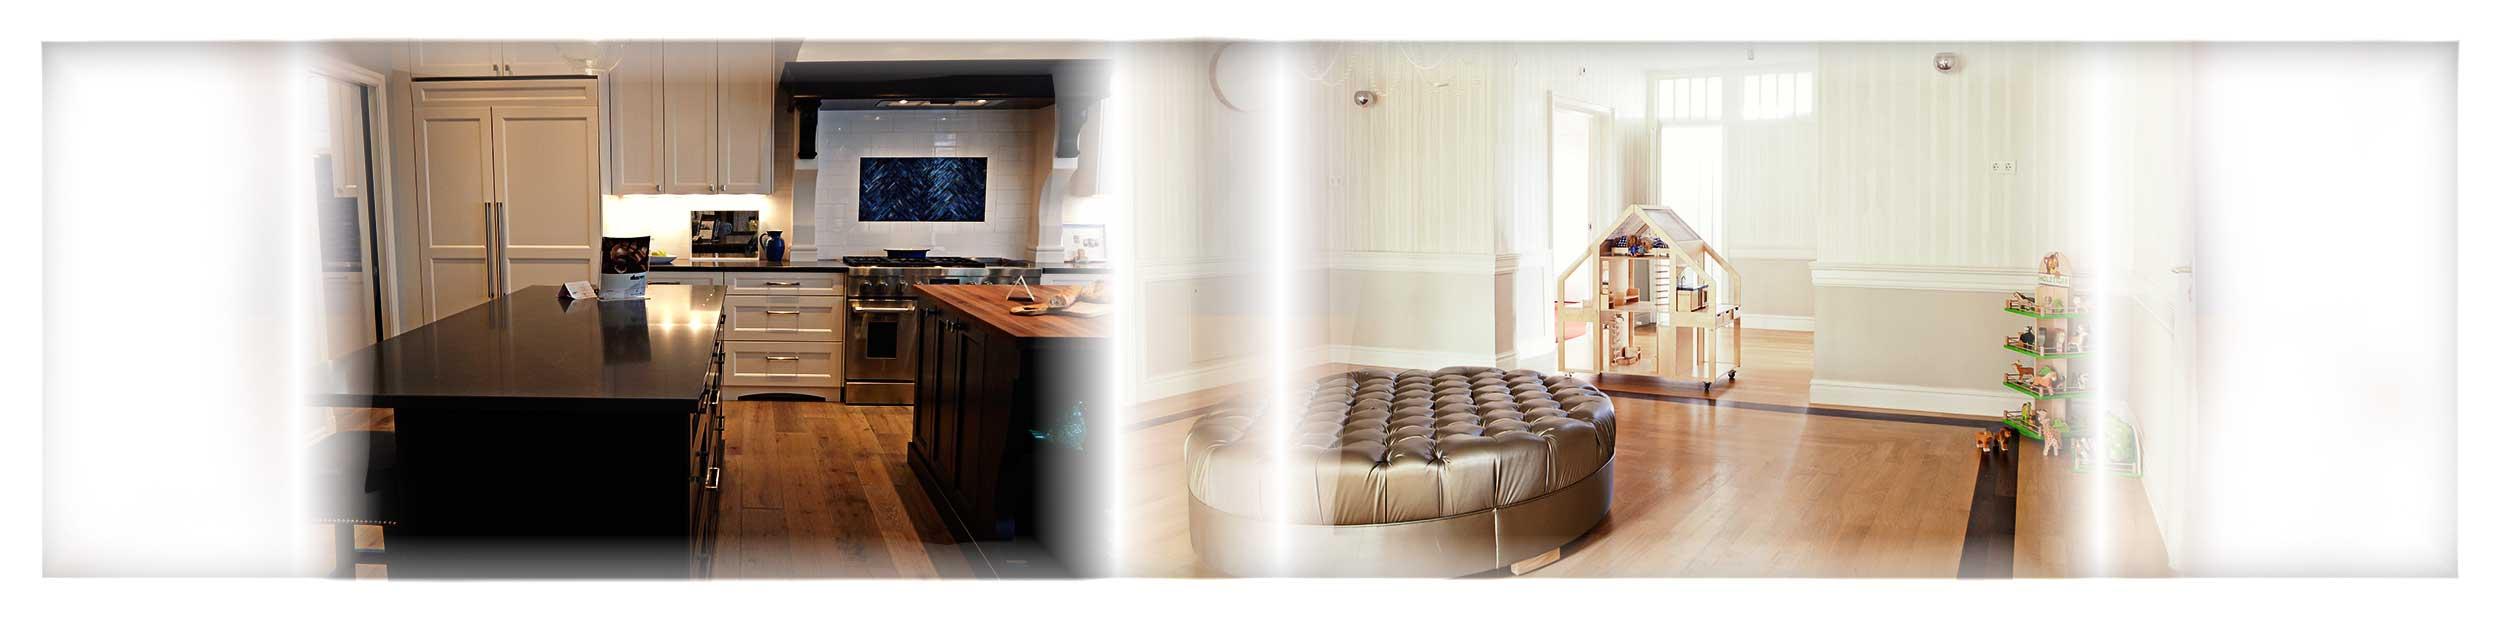 Teakholz exklusiv parkette teakholzdielen gartenparkett for Raumgestaltung einzelhandel